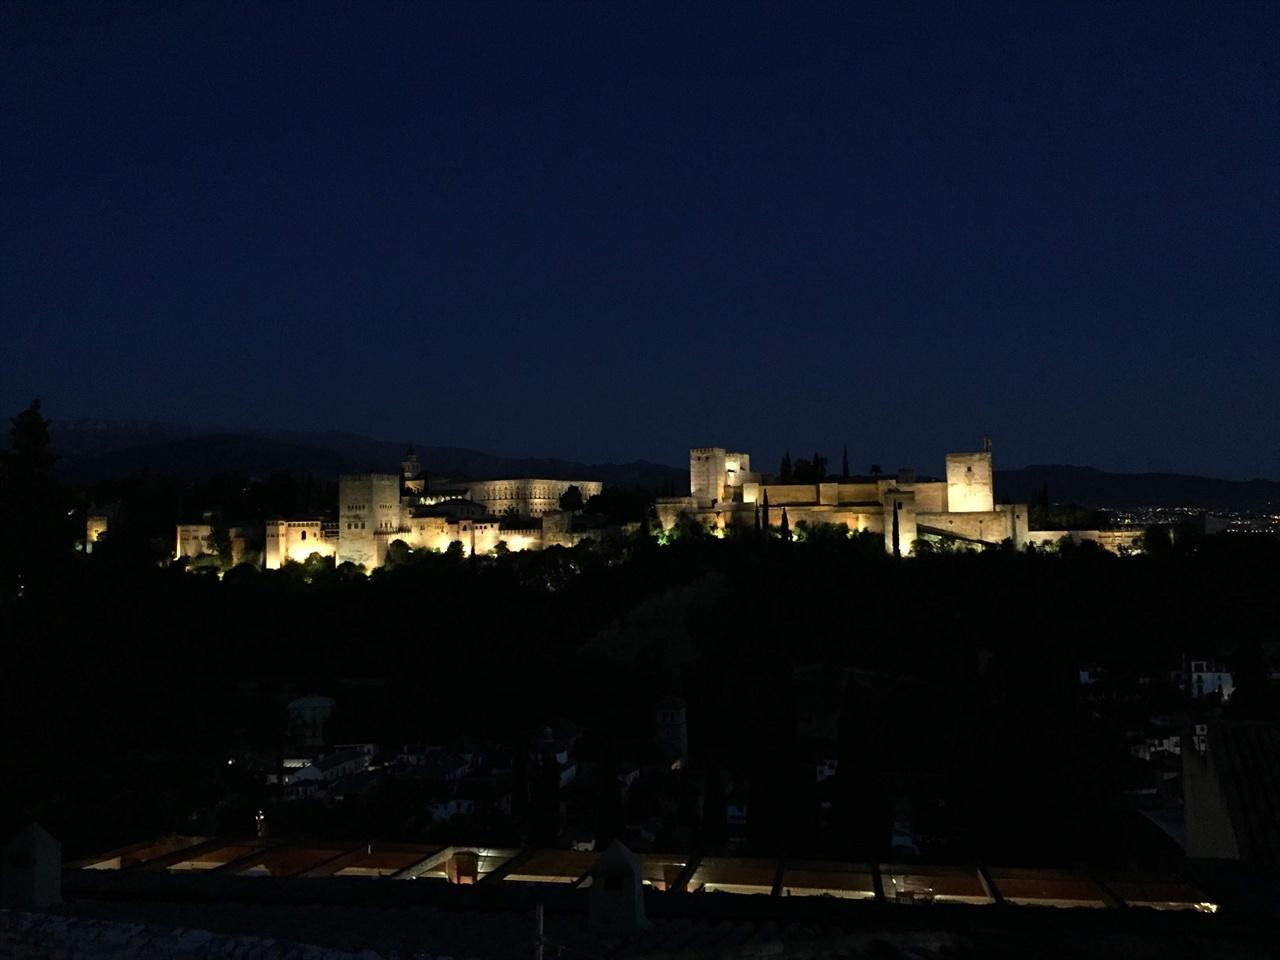 안녕, 알람브라!! 알람브라 궁전의 야경과 함께, 내일 다시 만날 것을 기약하며, 일단 철수했습니다. 안녕, 내일 다시 만나!